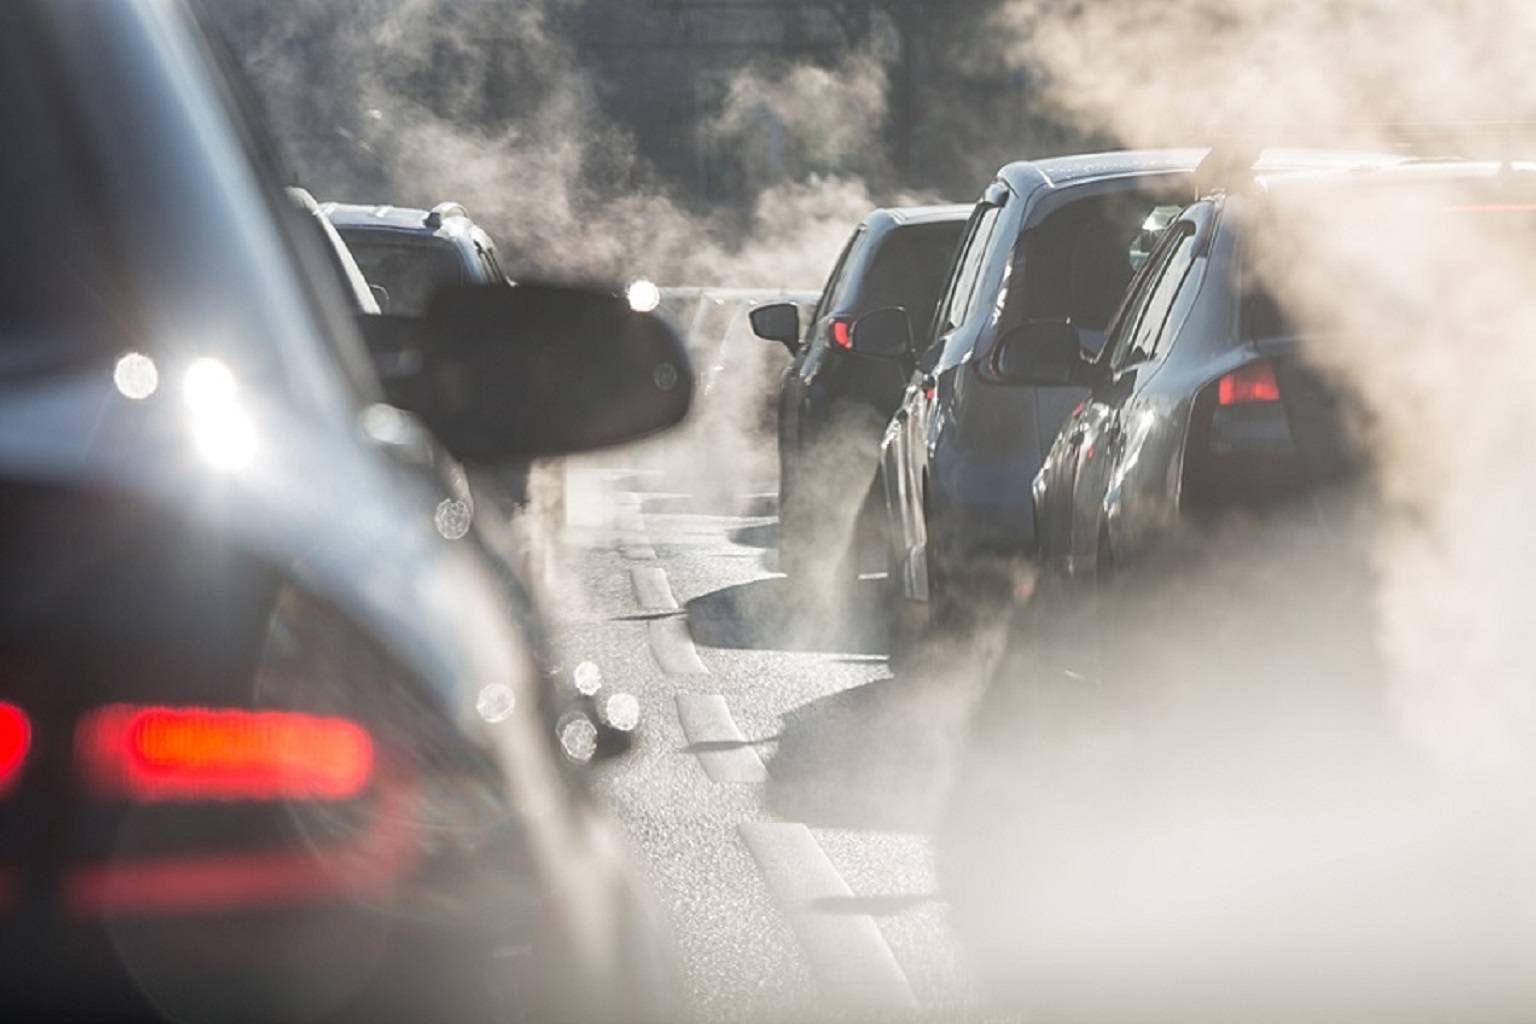 Smog: dl oggi revoca misure primo livello a Monza, Bergamo e Pavia, nella foto auto inconnate che generano smog Blocco del traffico